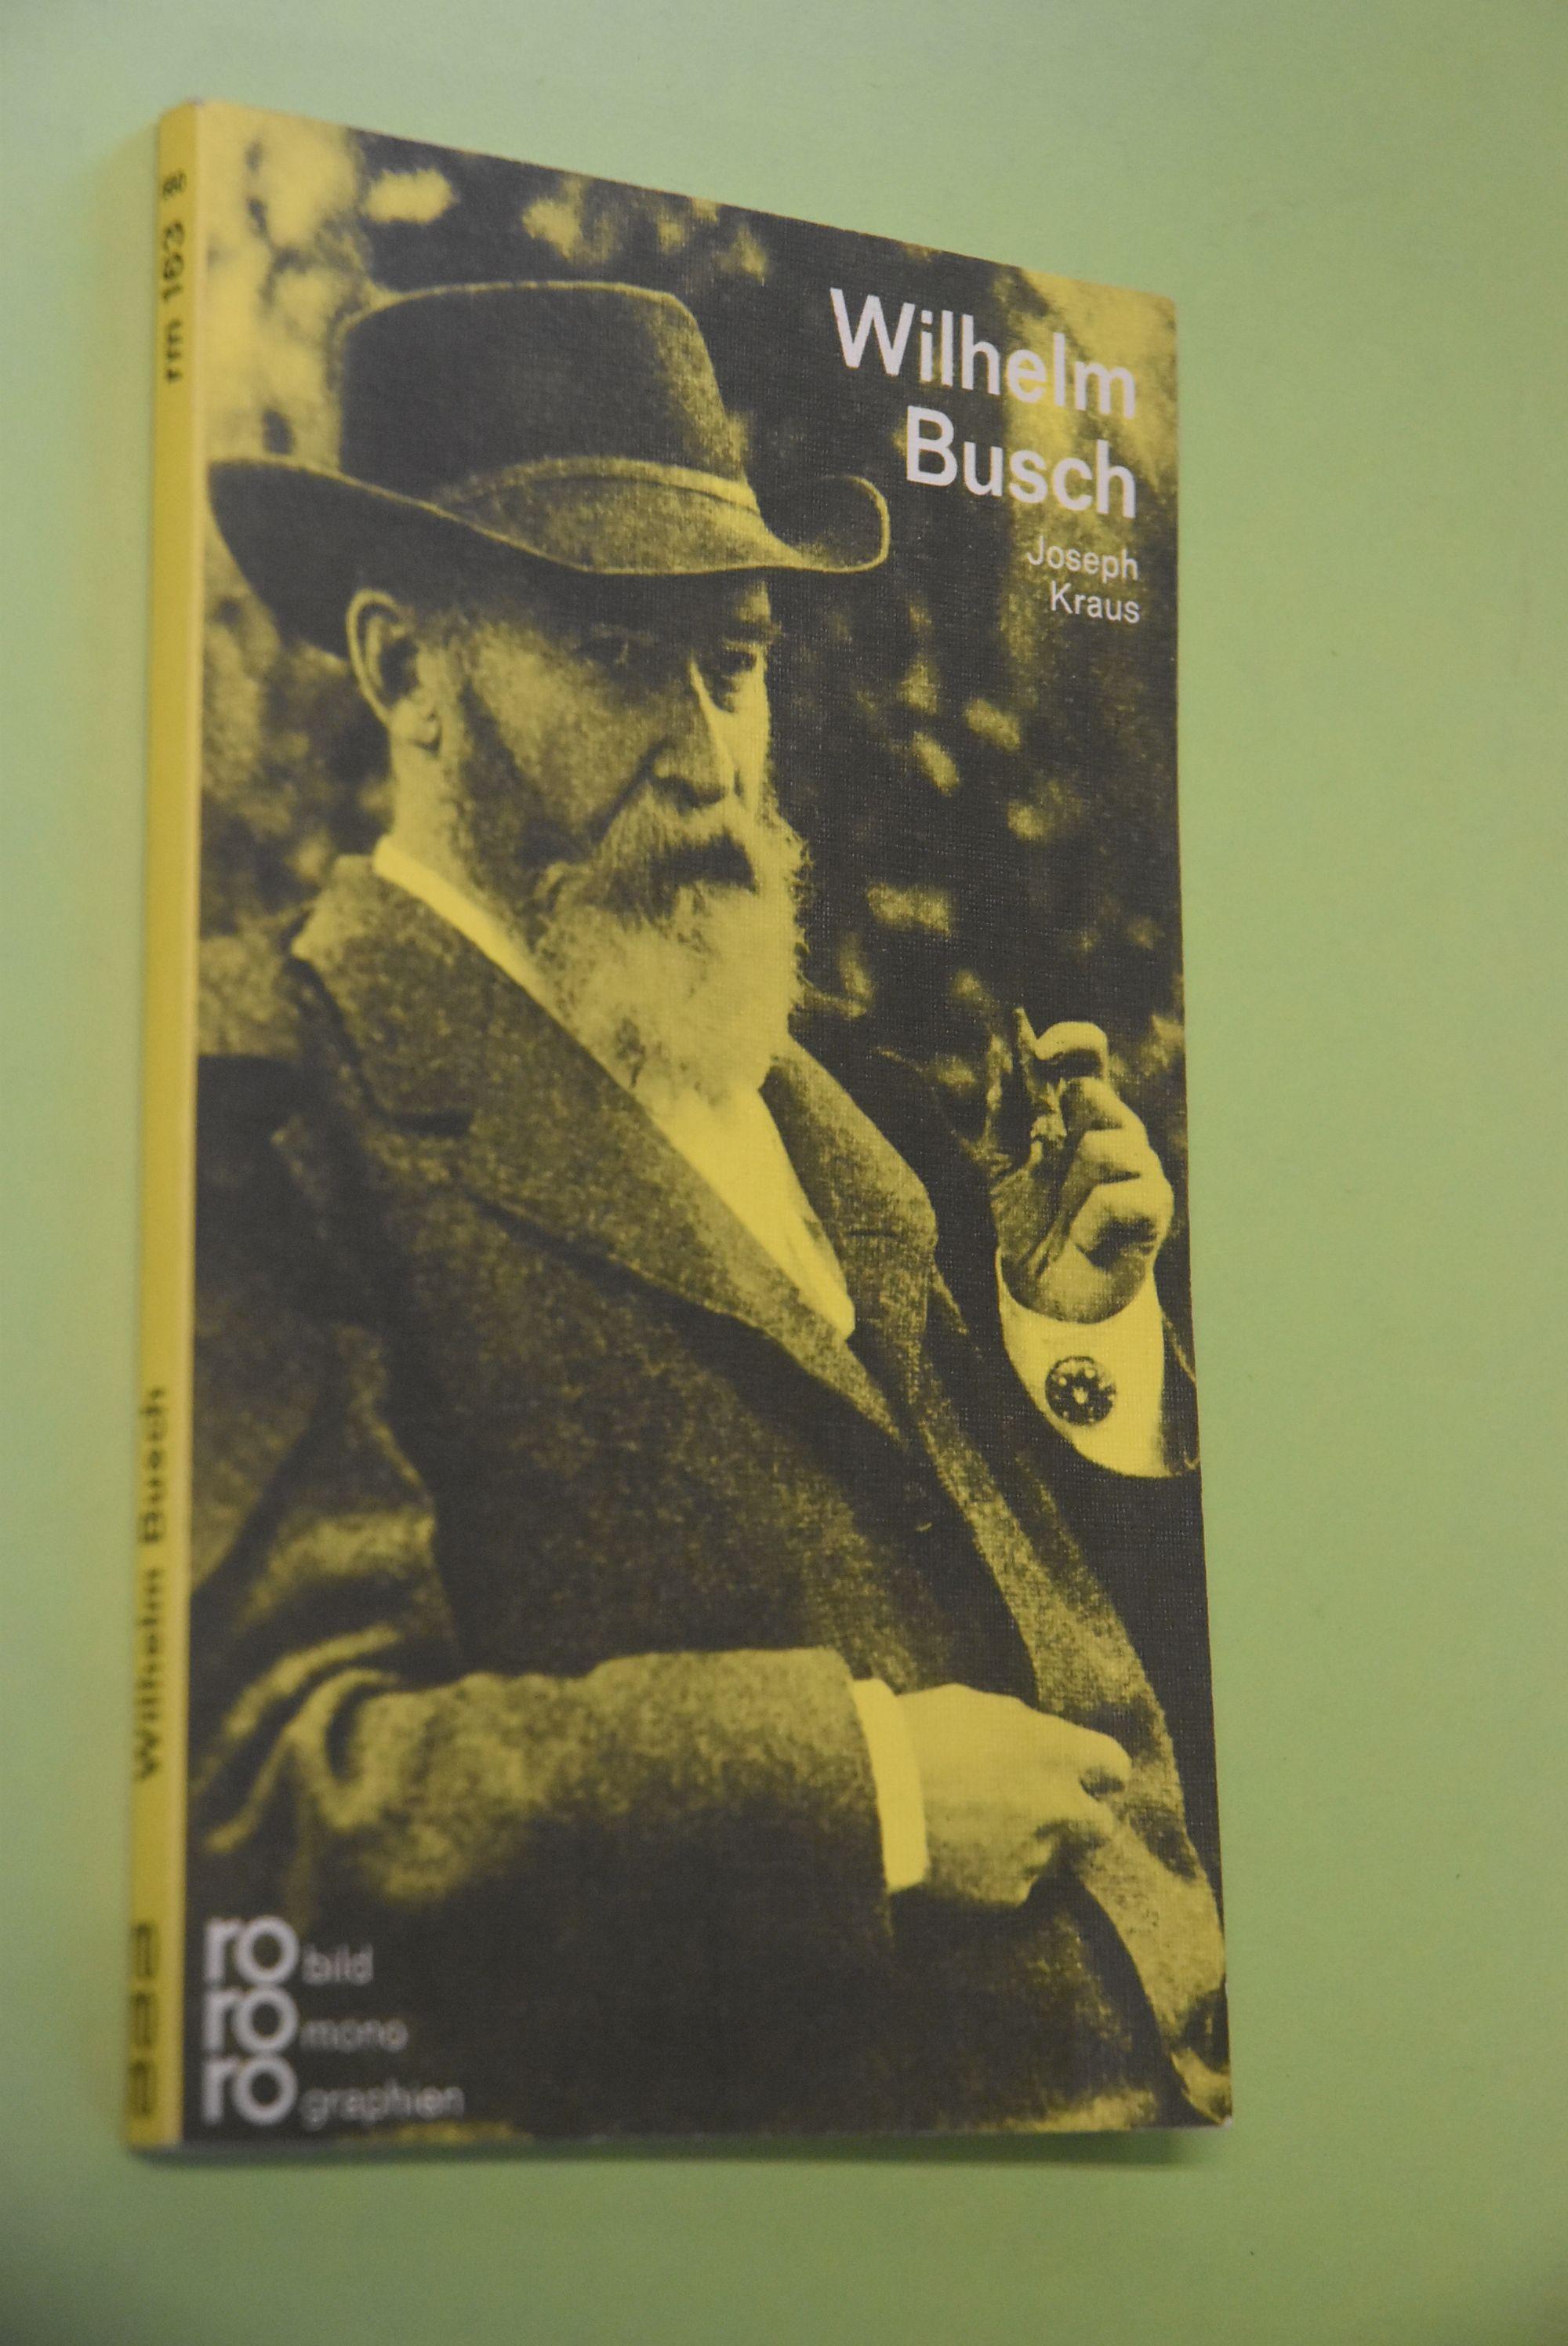 Wilhelm Busch in Selbstzeugnissen und Bilddokumenten. dargest. von. [Den Anh. besorgte d. Autor] / Rowohlts Monographien ; 163 - Kraus, Joseph